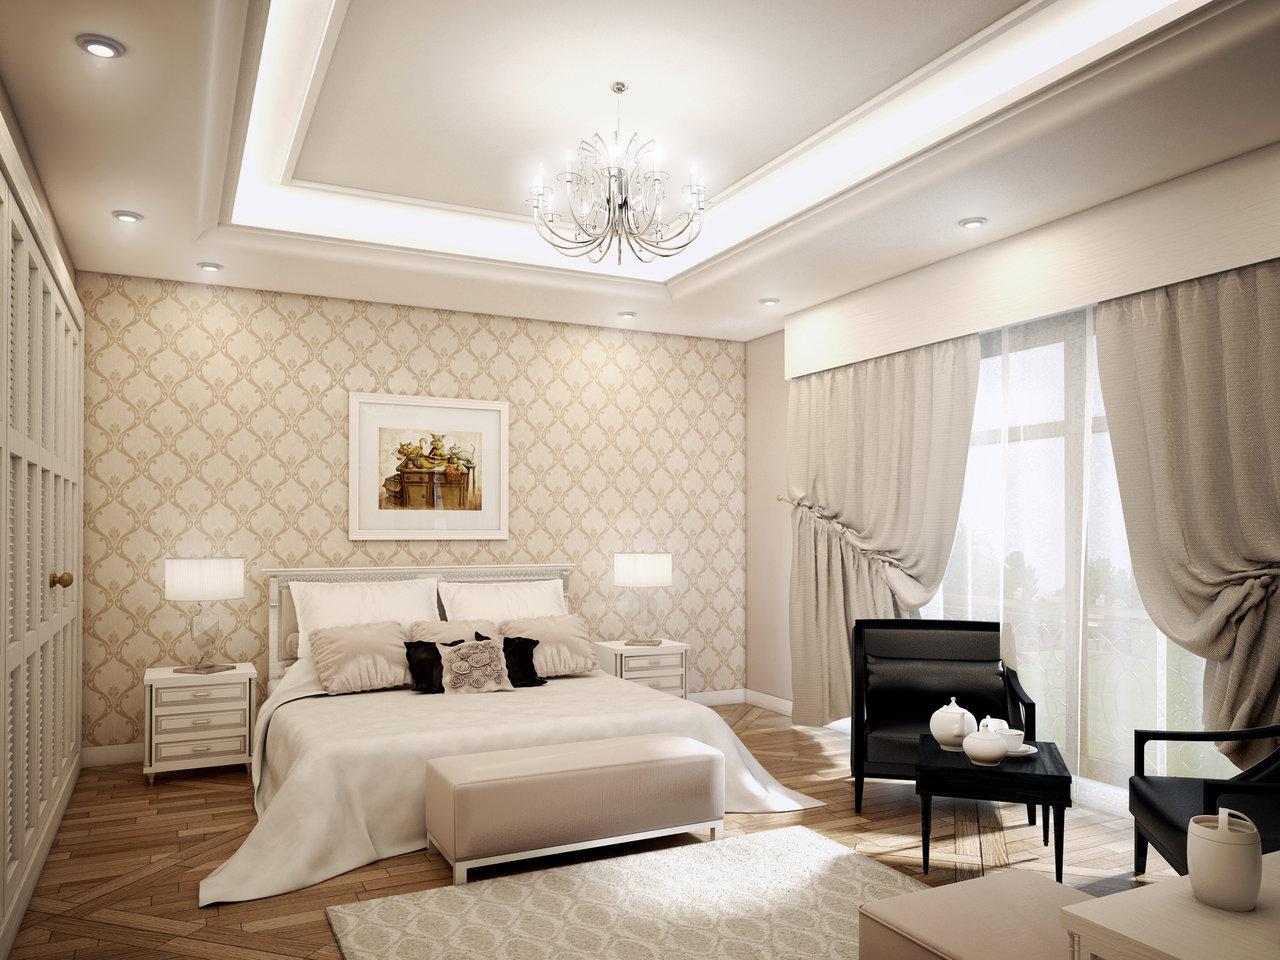 صورة صور ديكورات غرف نوم, اشعر بانك في فندق عائم بهذه الديكورات 719 3